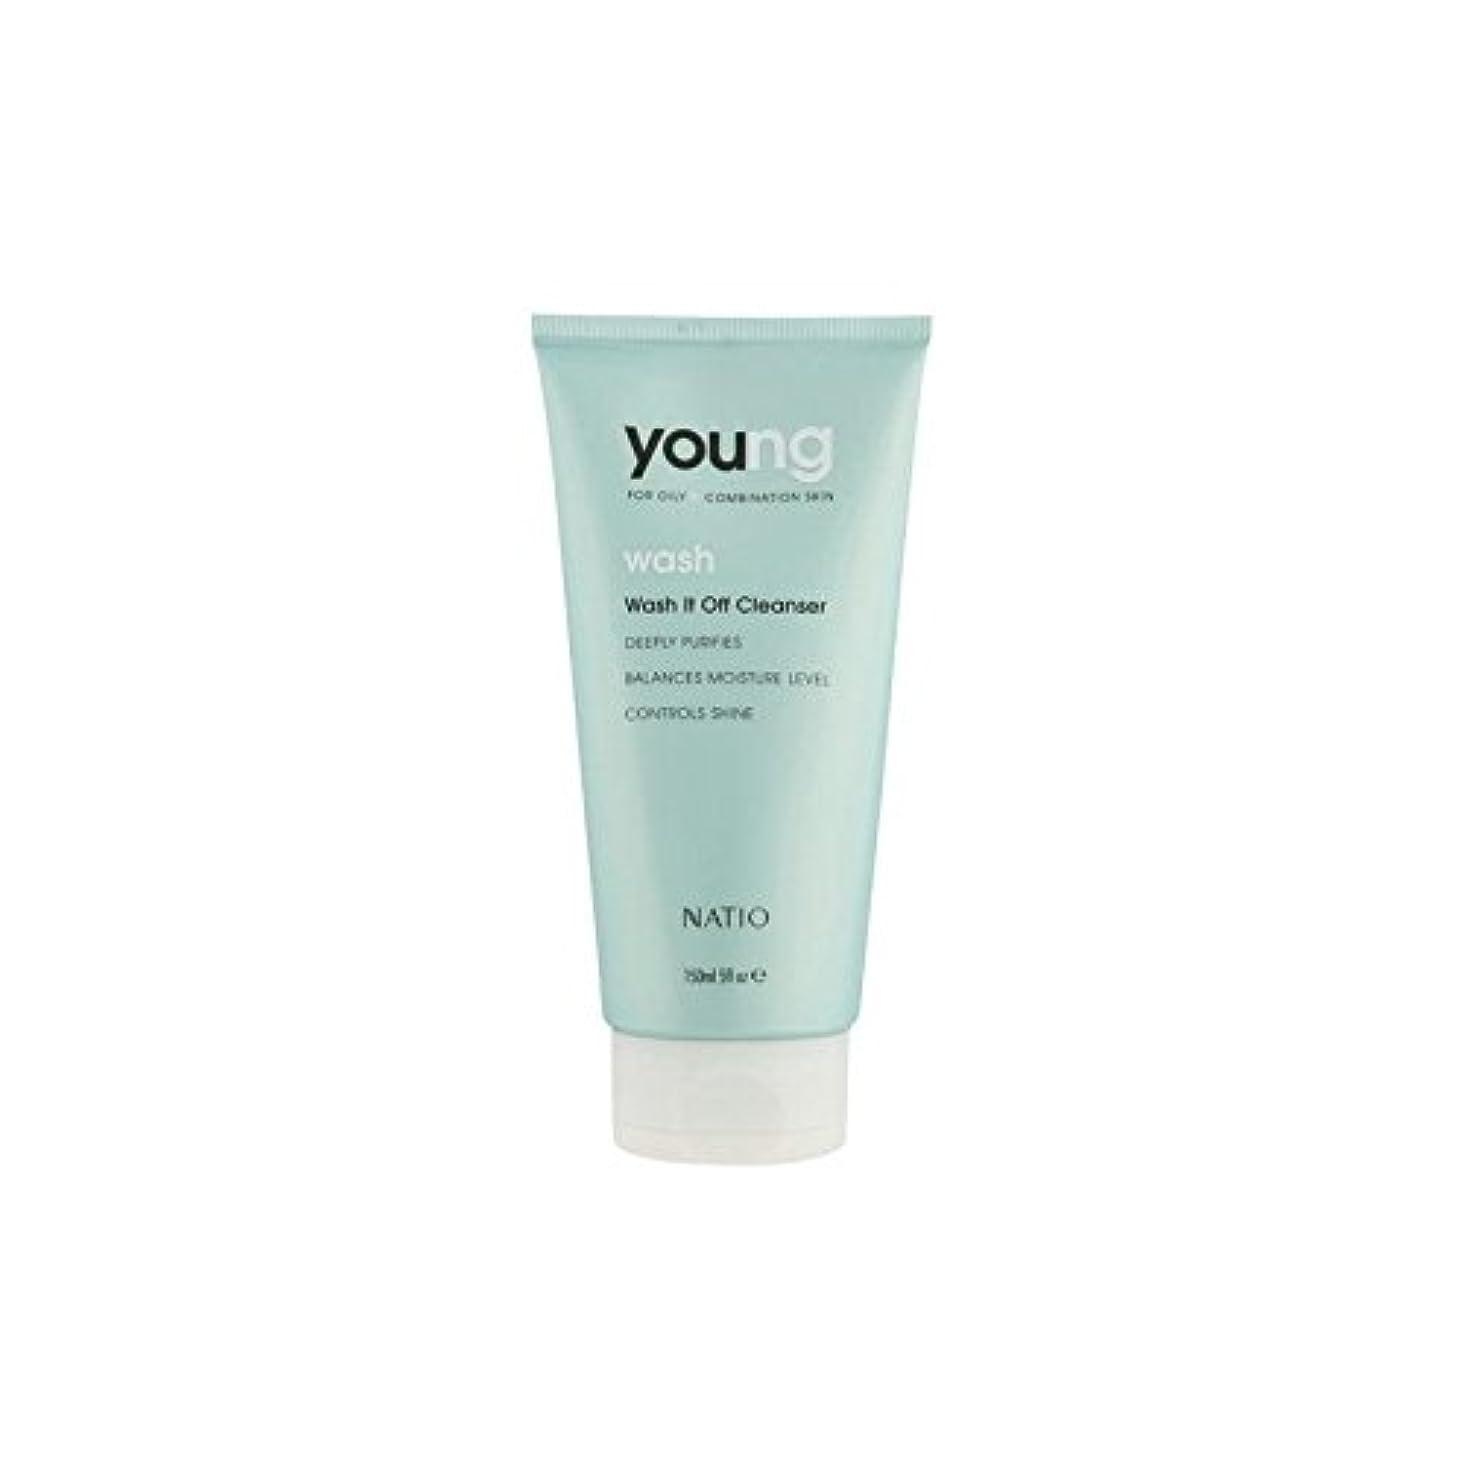 スピン指導する安心Natio Young Wash It Off Cleanser (150ml) - 若いウォッシュそれオフクレンザー(150ミリリットル) [並行輸入品]